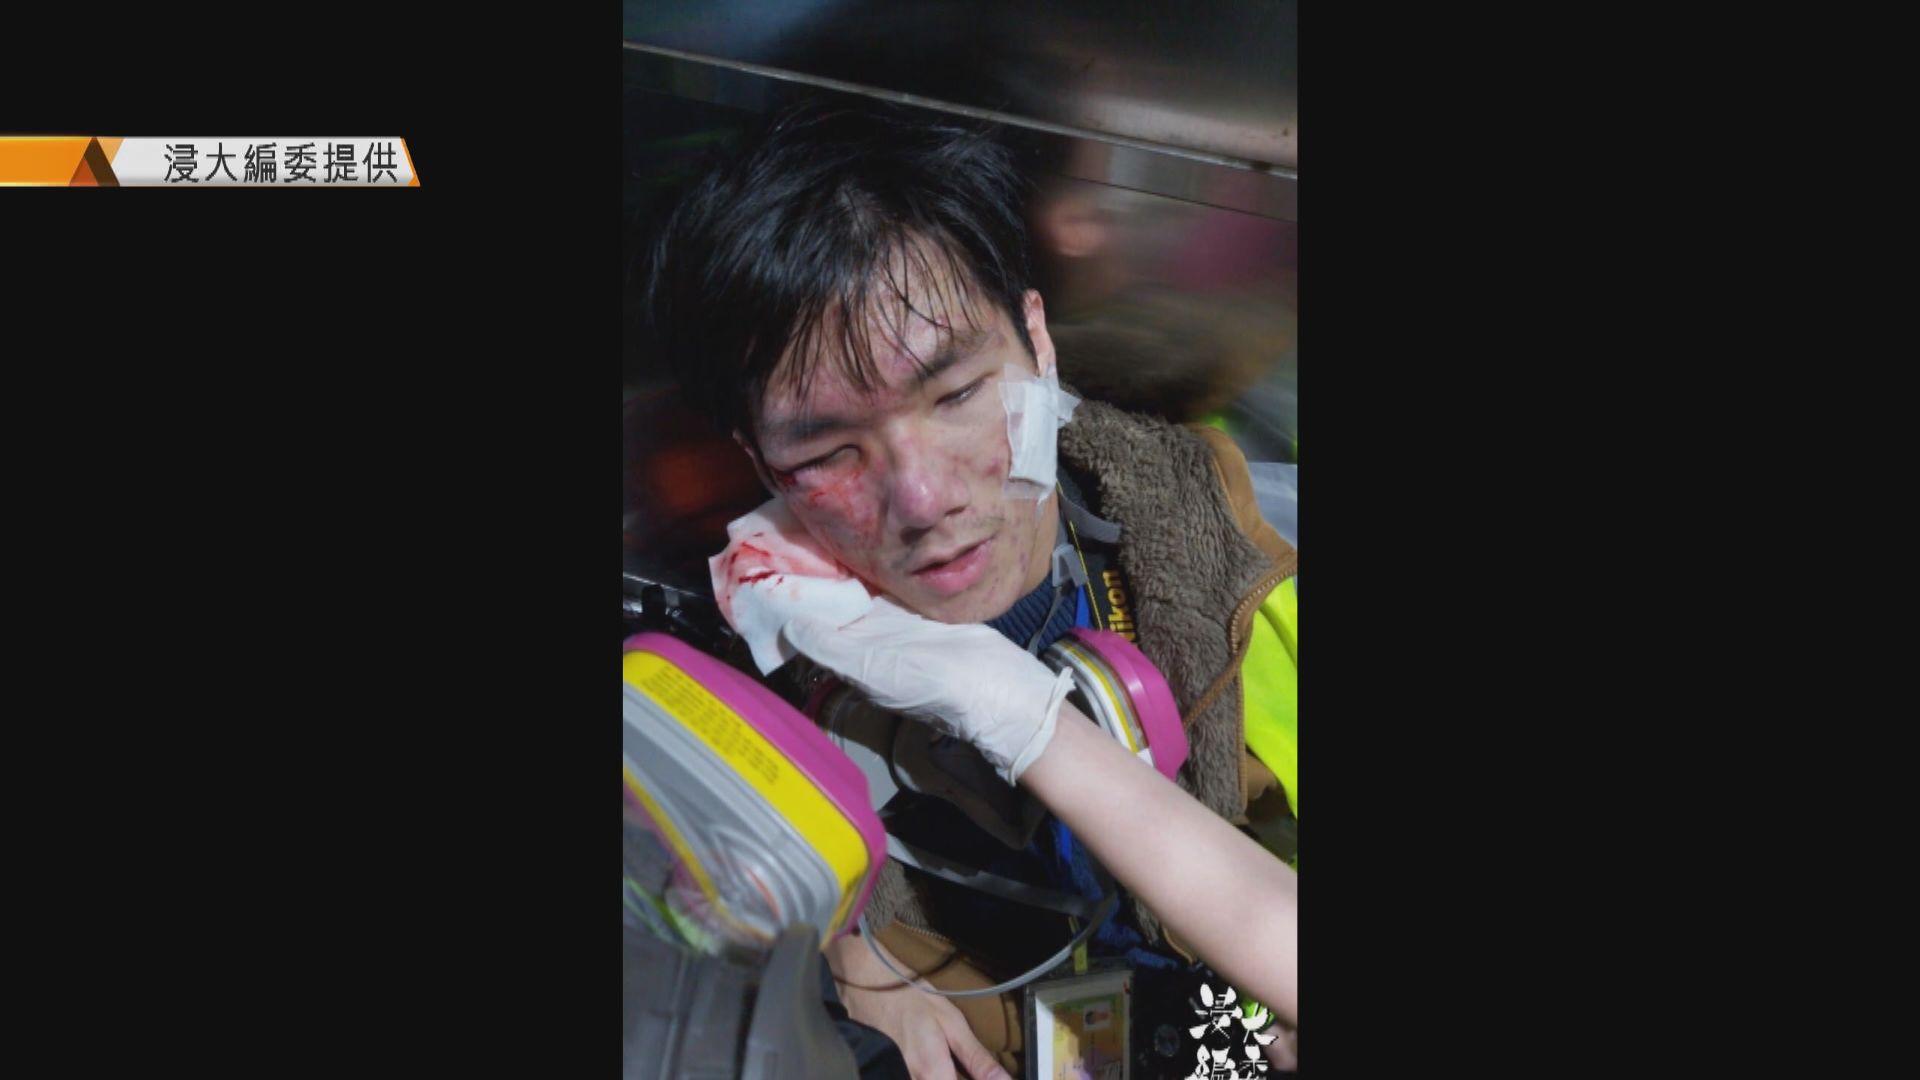 旺角有人縱火堵路 浸大編委記者遭催淚彈擊中右眼受傷